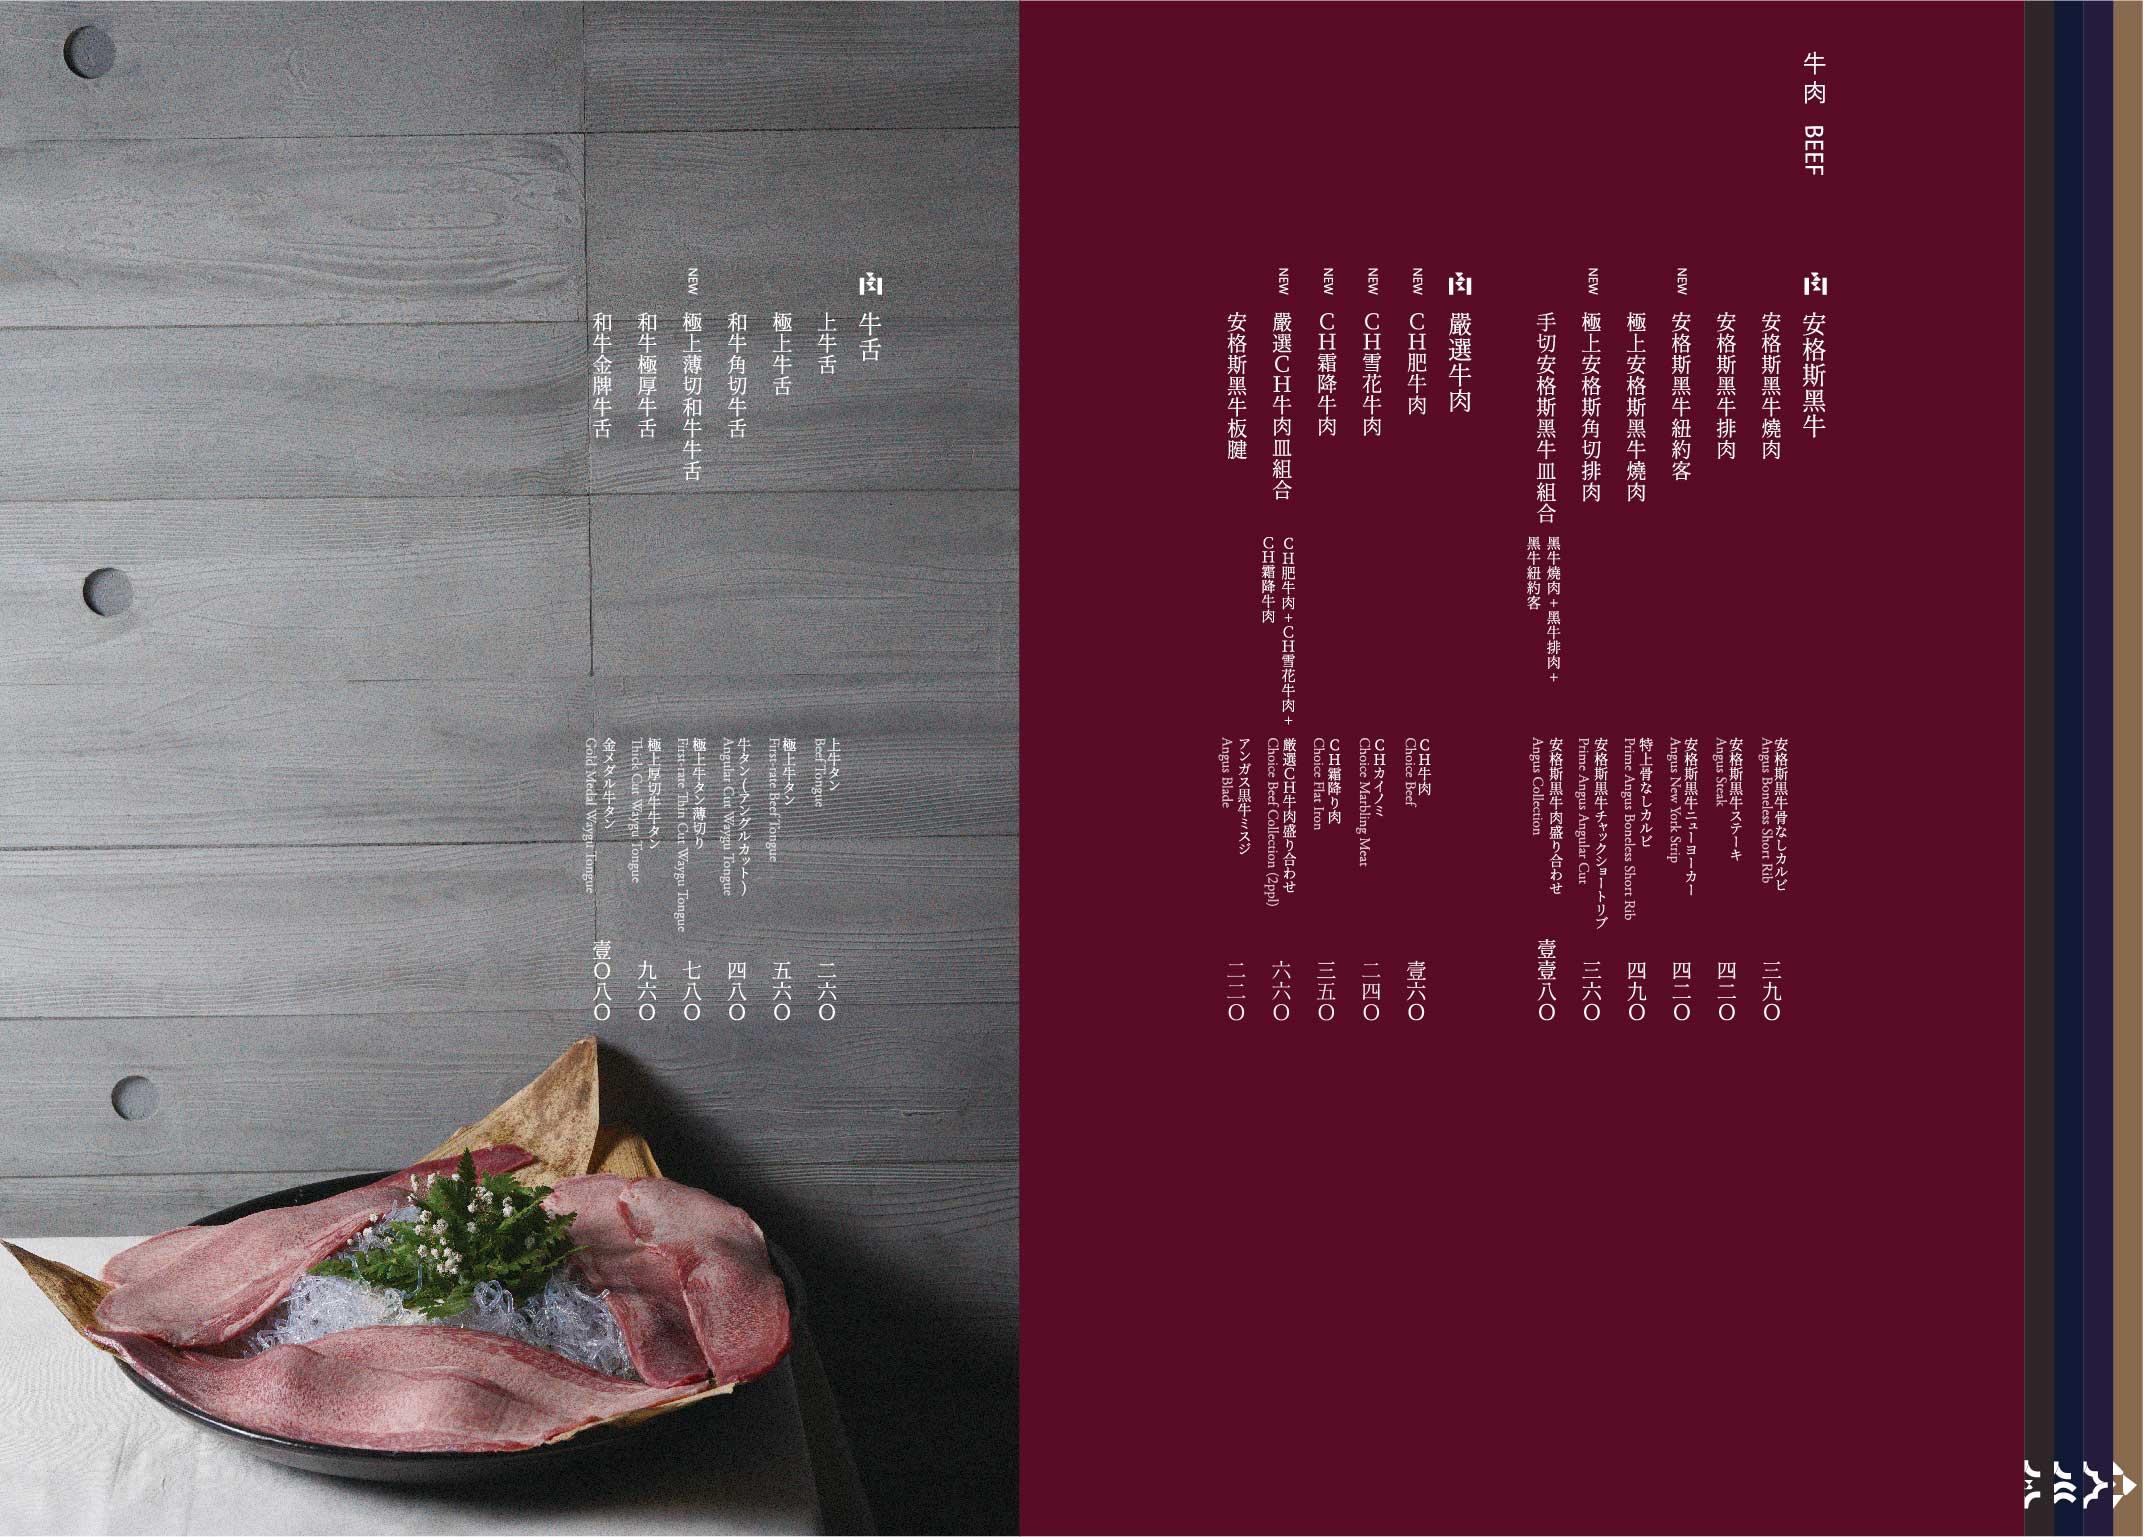 【菜單】碳佐麻里菜單|碳佐麻里精品燒肉|各分店資訊菜單|2020年新菜單價目表|碳佐麻里 | 癡吃的玩